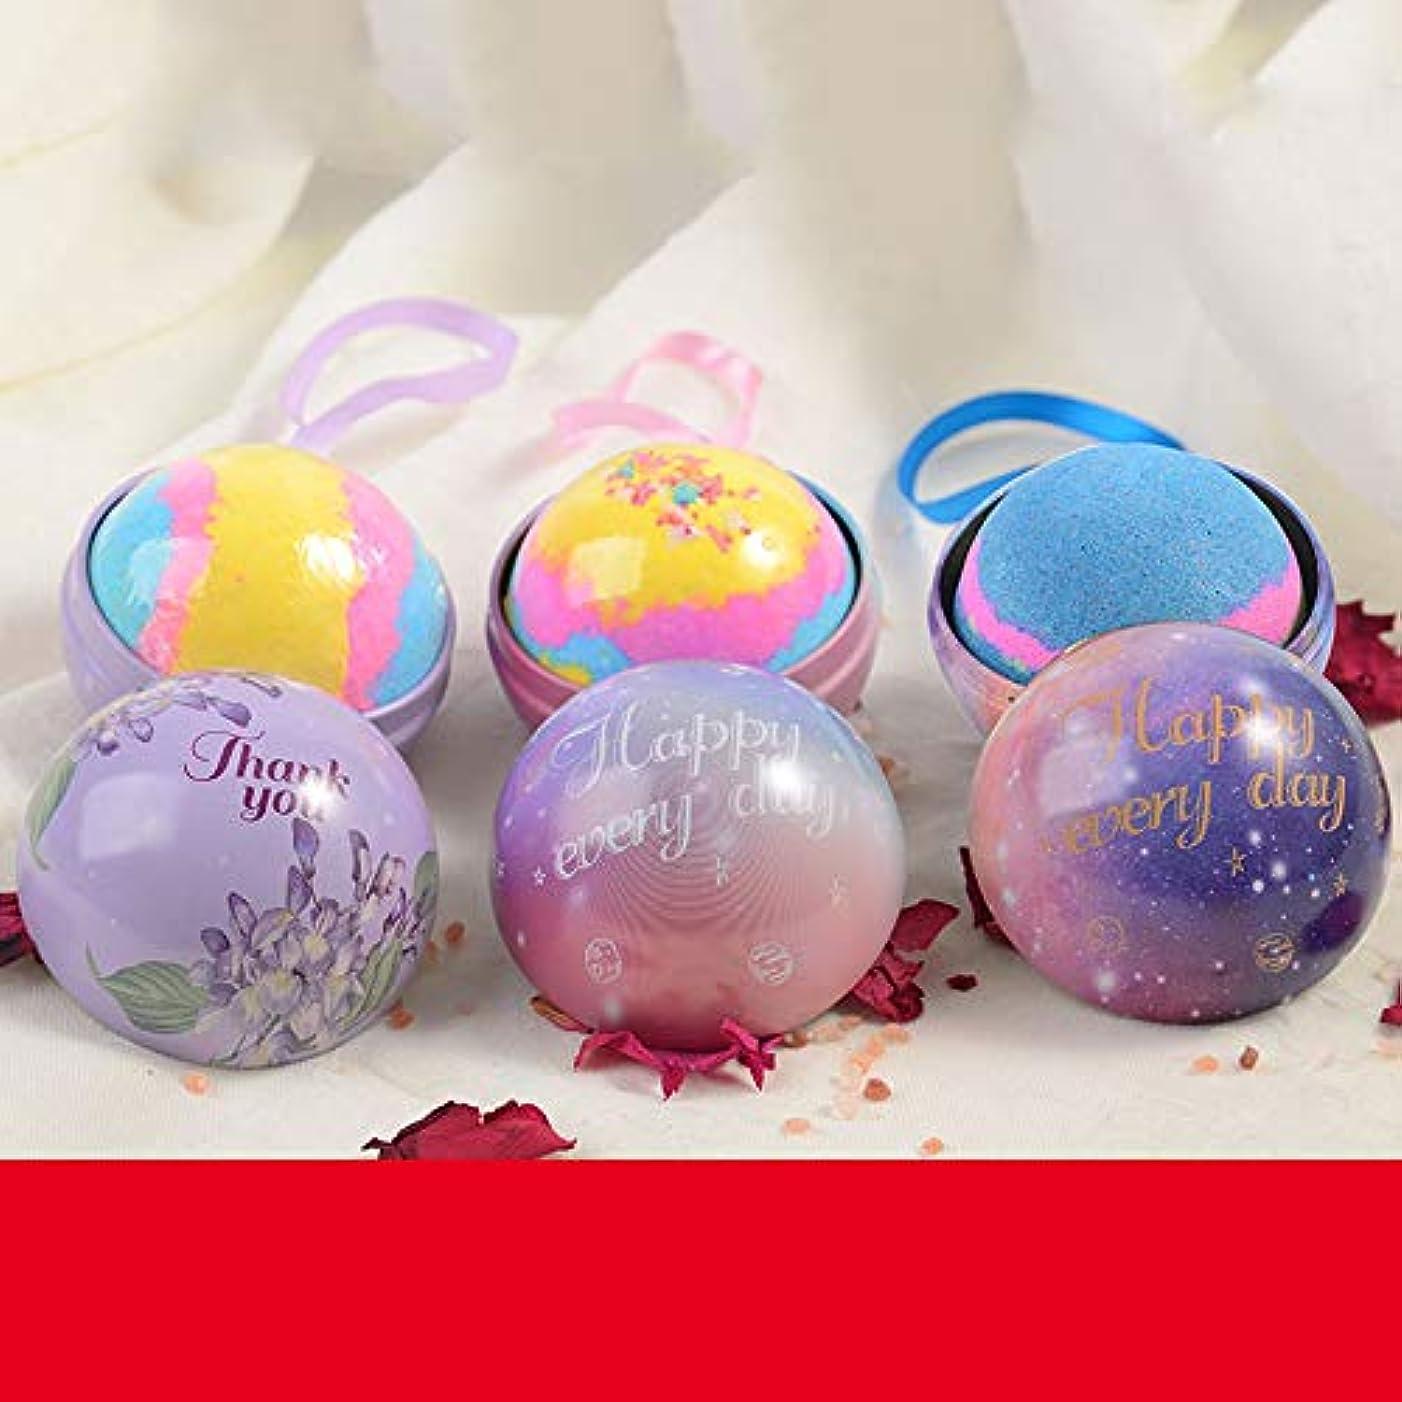 多年生製作テクスチャーバスボム 入浴剤 炭酸 バスボール 6つの香り 手作り 入浴料 うるおいプラス お風呂用 入浴剤 ギフトセット3枚 贈り物 プレゼント最適